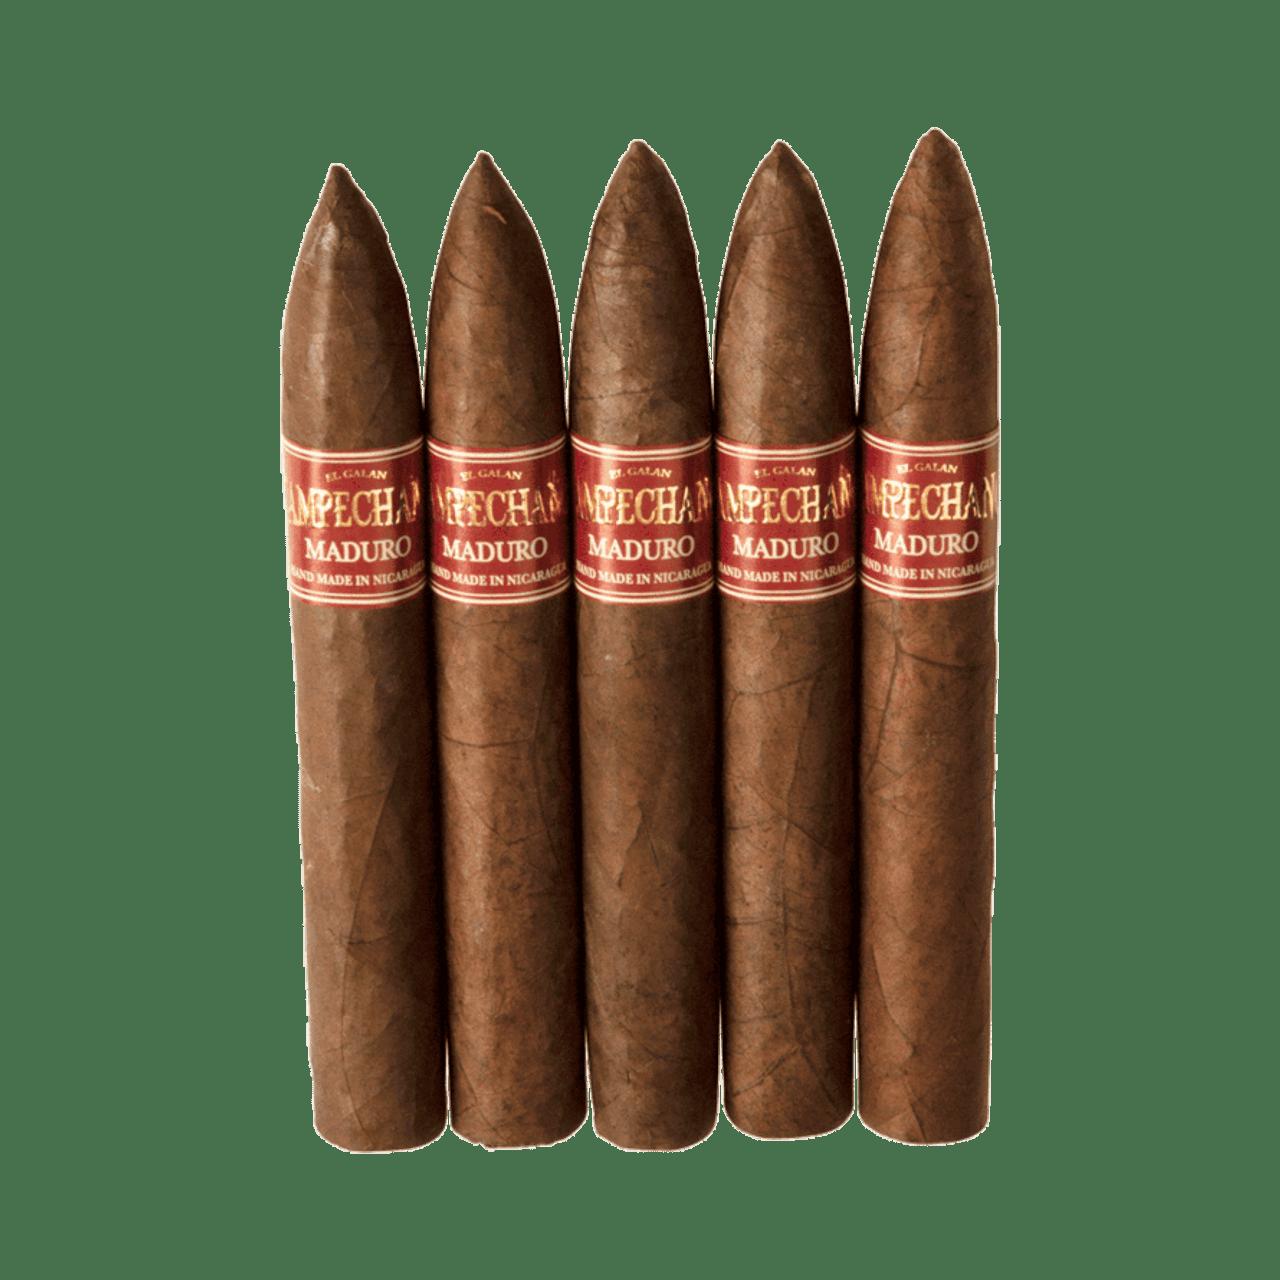 El Galan Campechano Torpedo Maduro Cigars - 6 x 52 (Pack of 5)